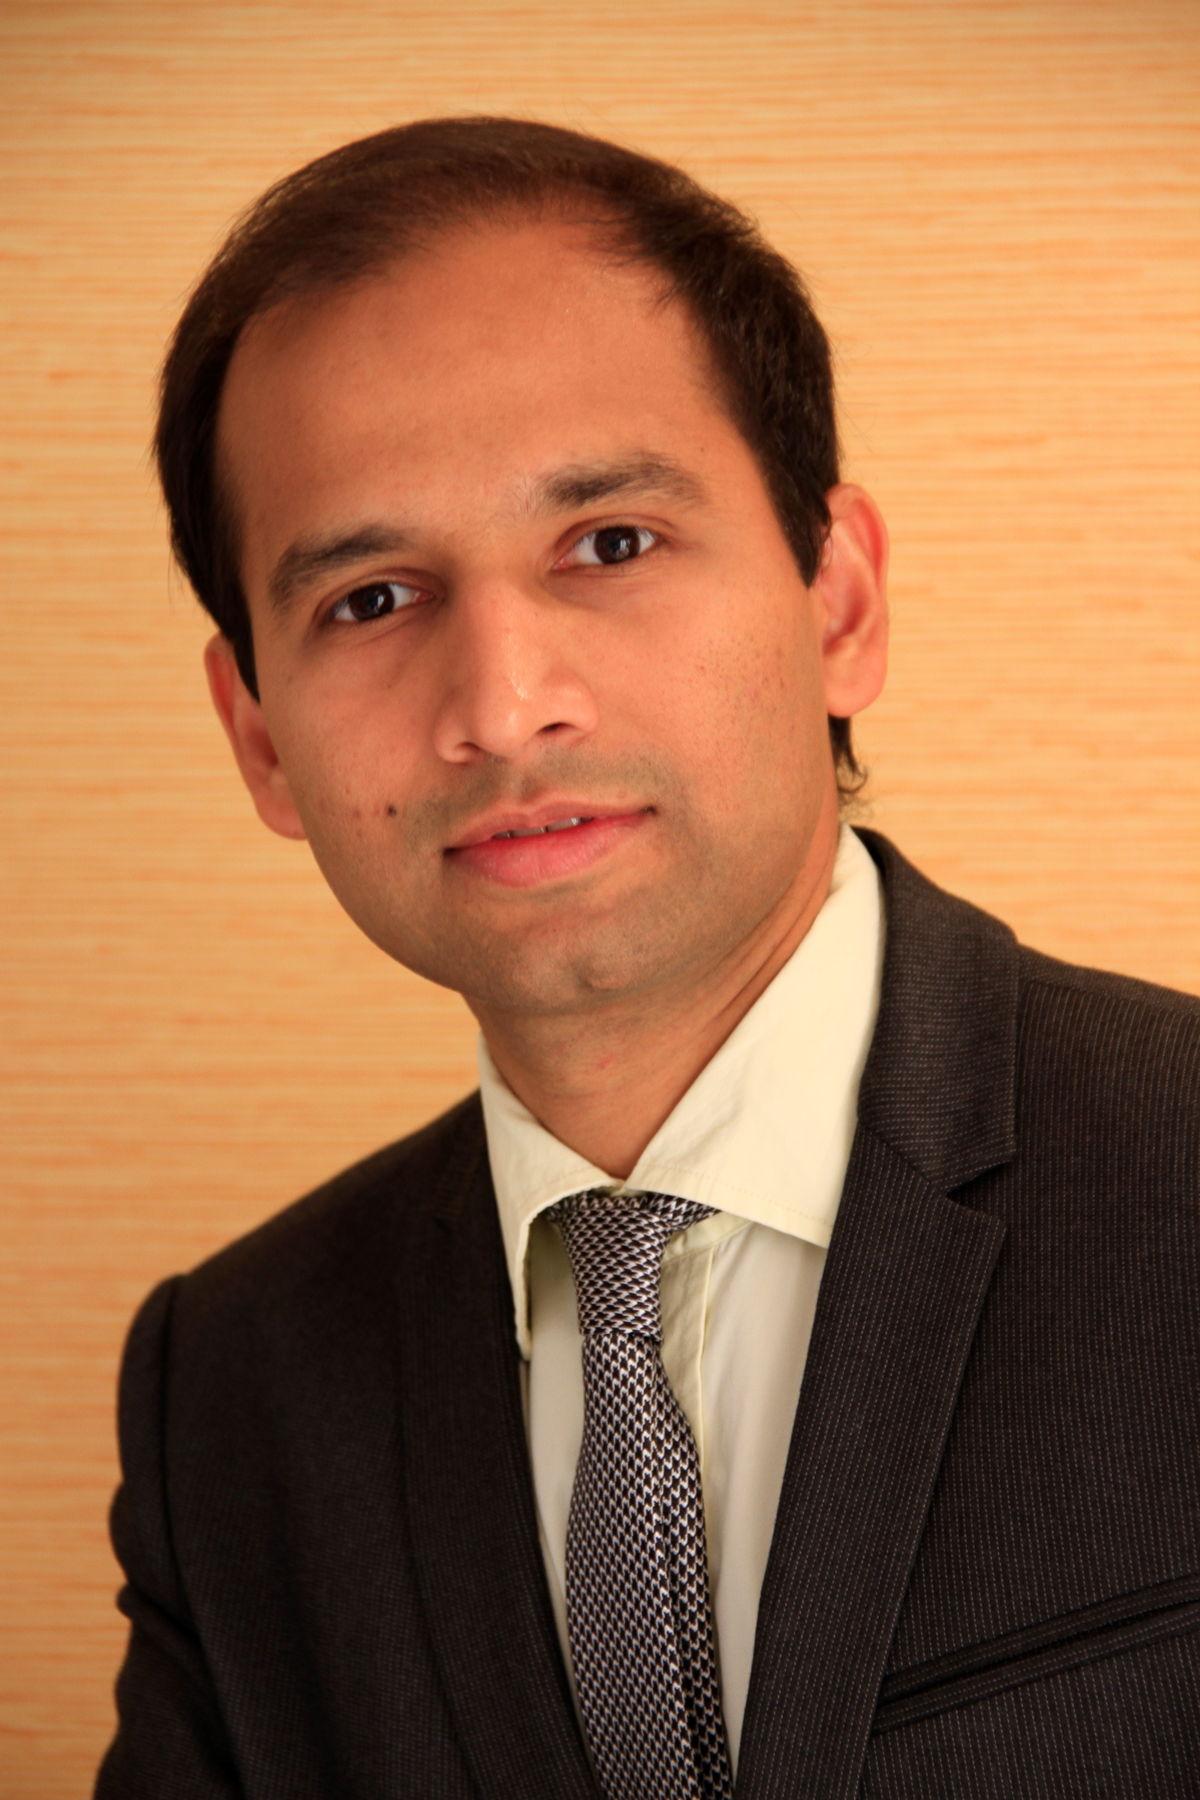 Firoz Kachwala